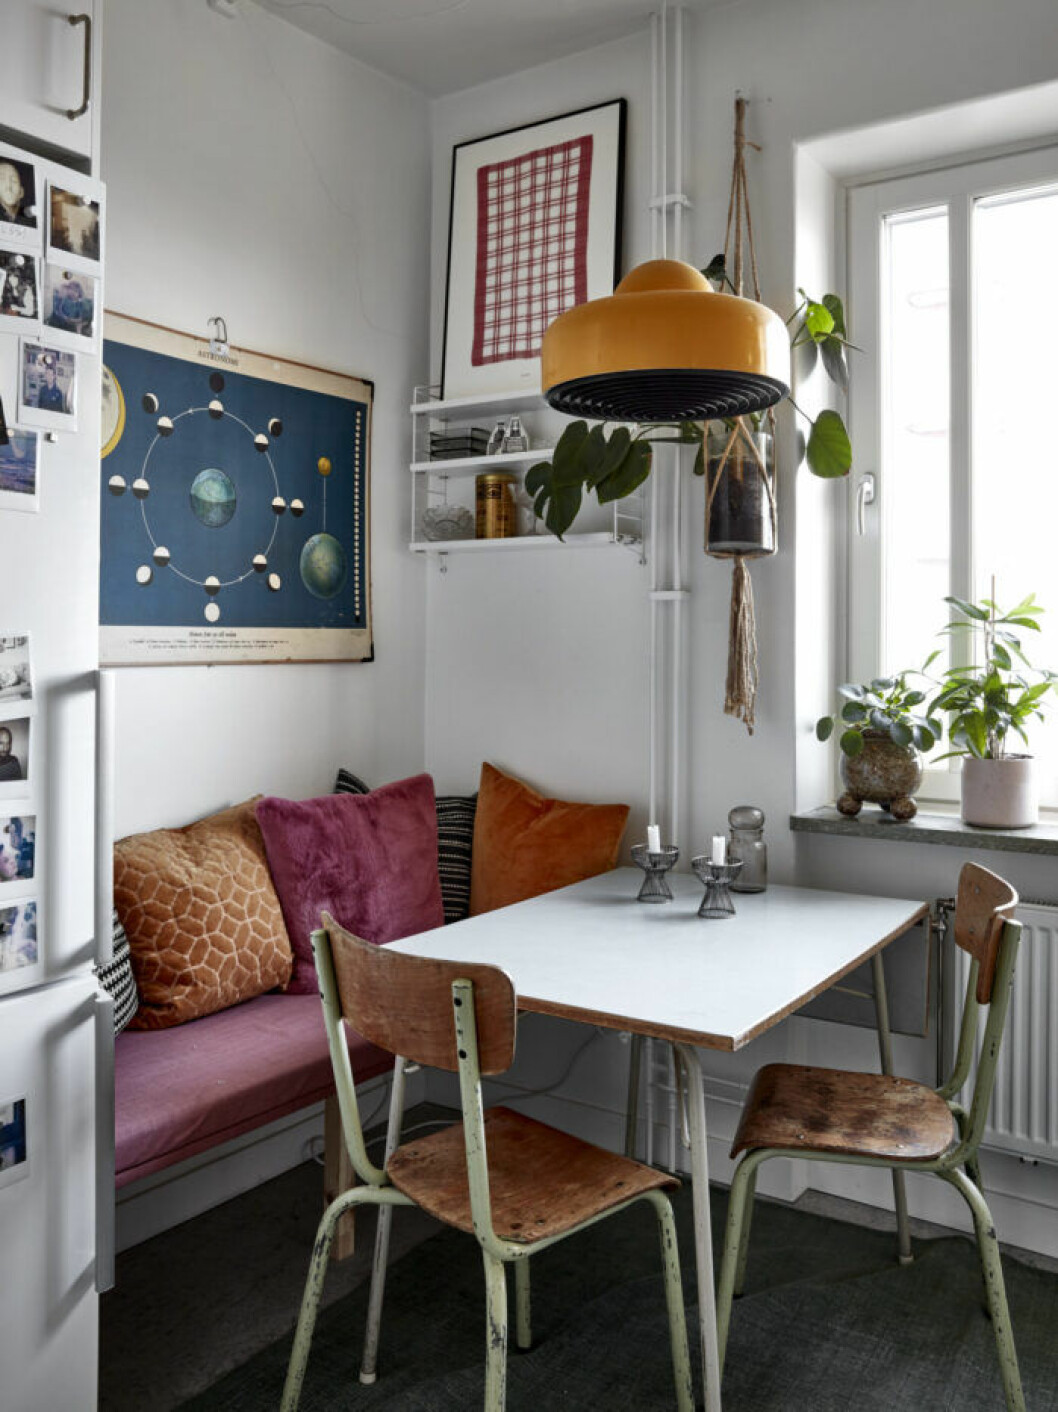 Mysig matplats i köket med färgglada textilier, orange lampa och trästolar